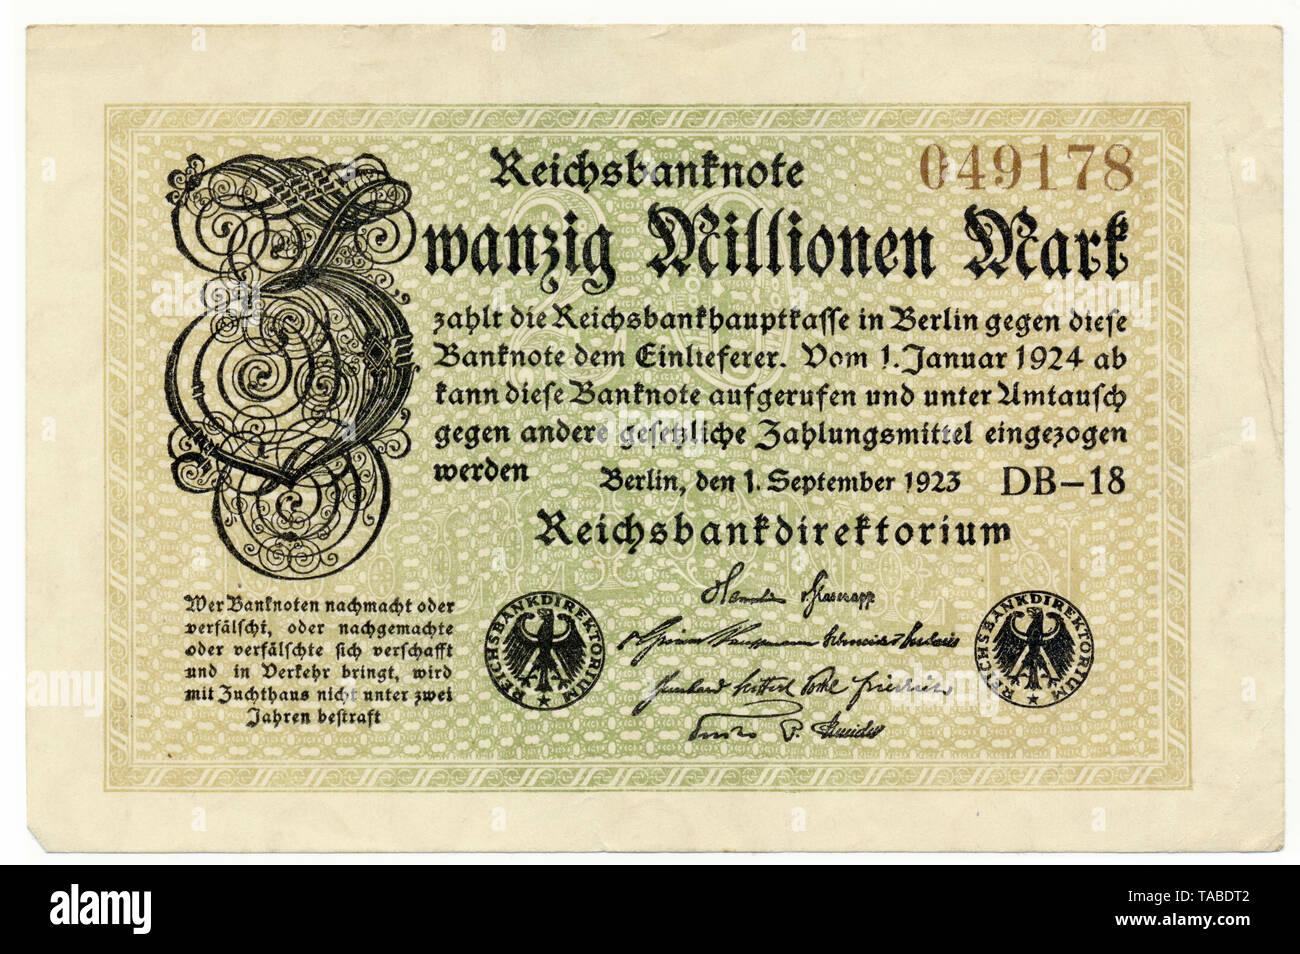 Vor der Reichsbank Banknote, Vorderseite einer Banknote, Reichsbanknote, 20 Millionen Mark, 1923, Inflationsgeld, Deutschland, Europa Stockbild